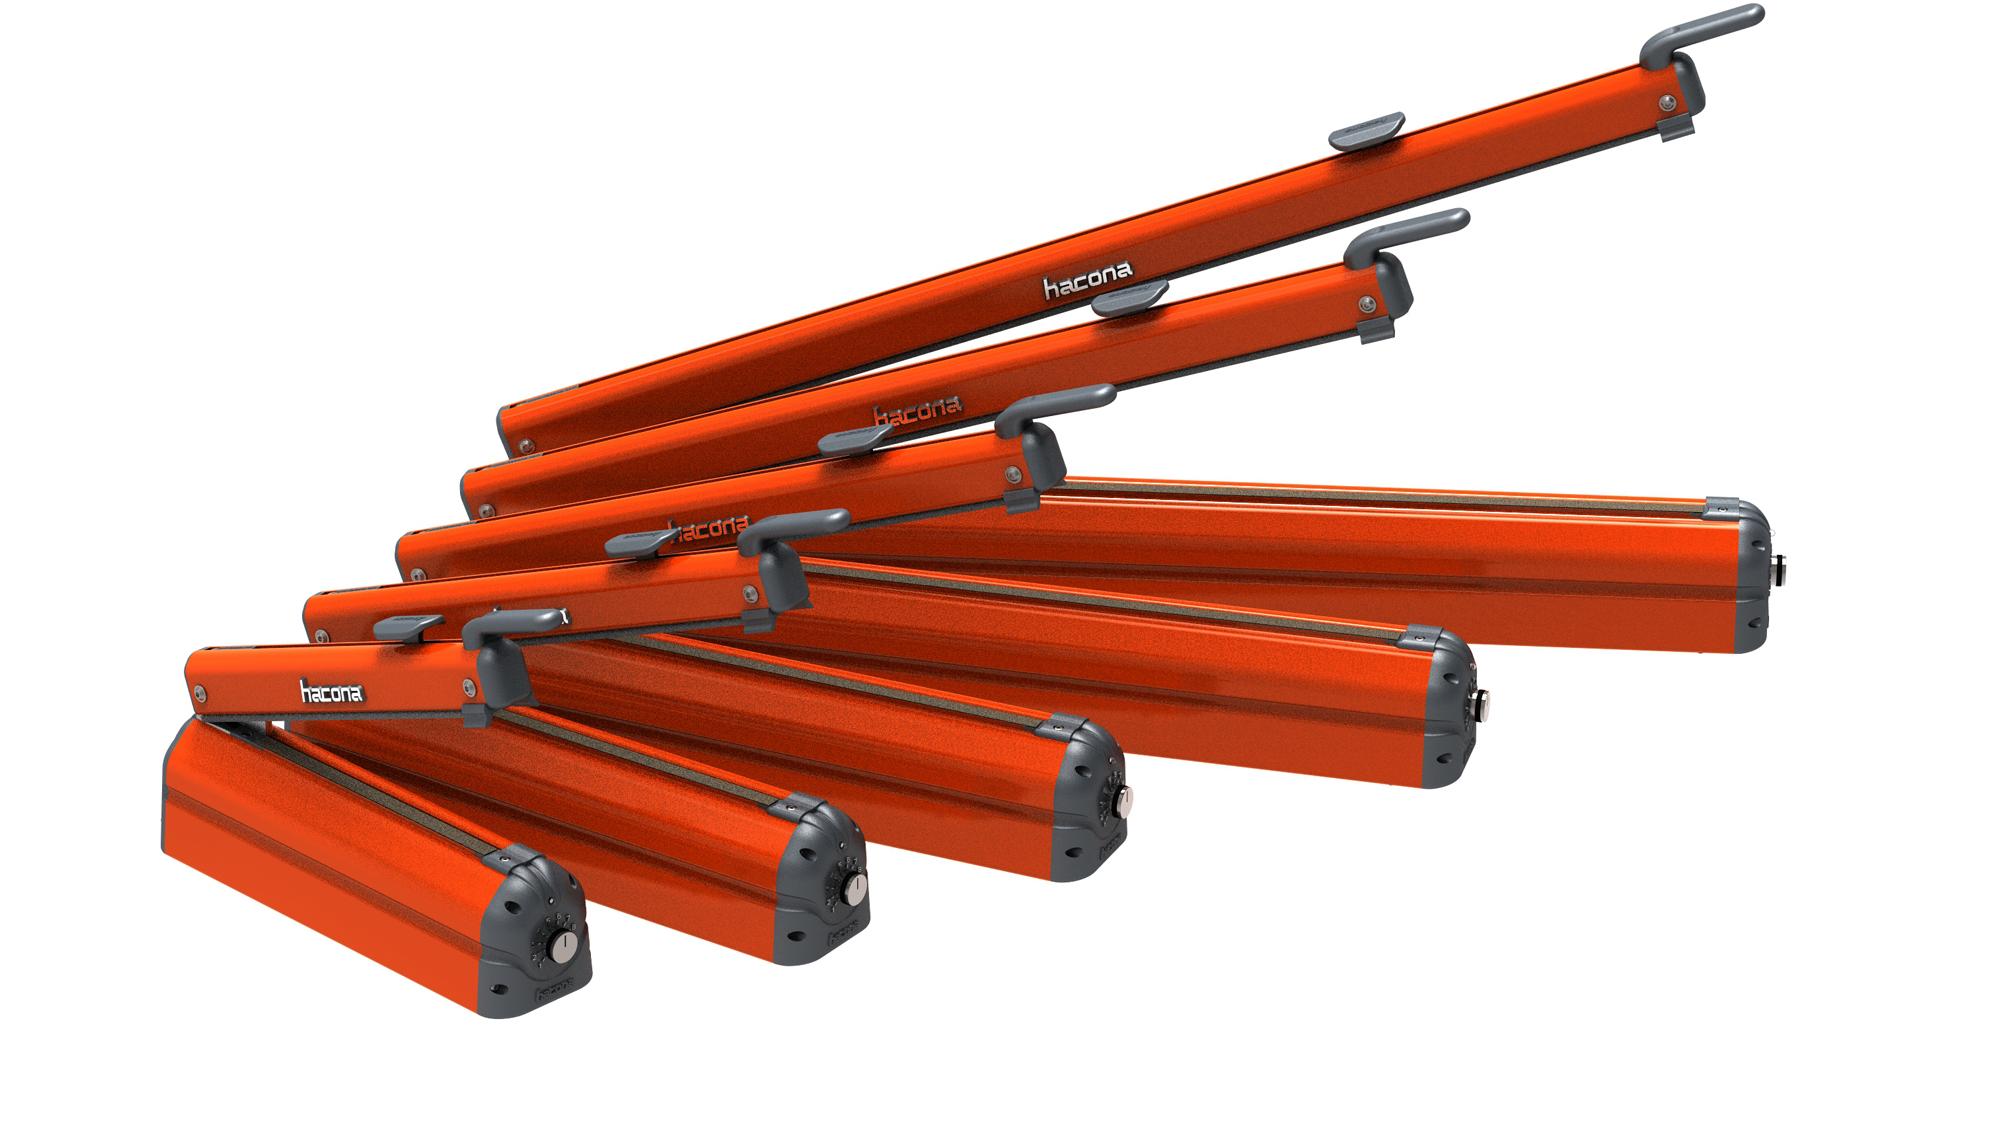 ba1874249e2b ipari vákuumos fóliahegesztő gép eladó, vákumos fóliahegesztő, vákuum  csomagológép gyártás